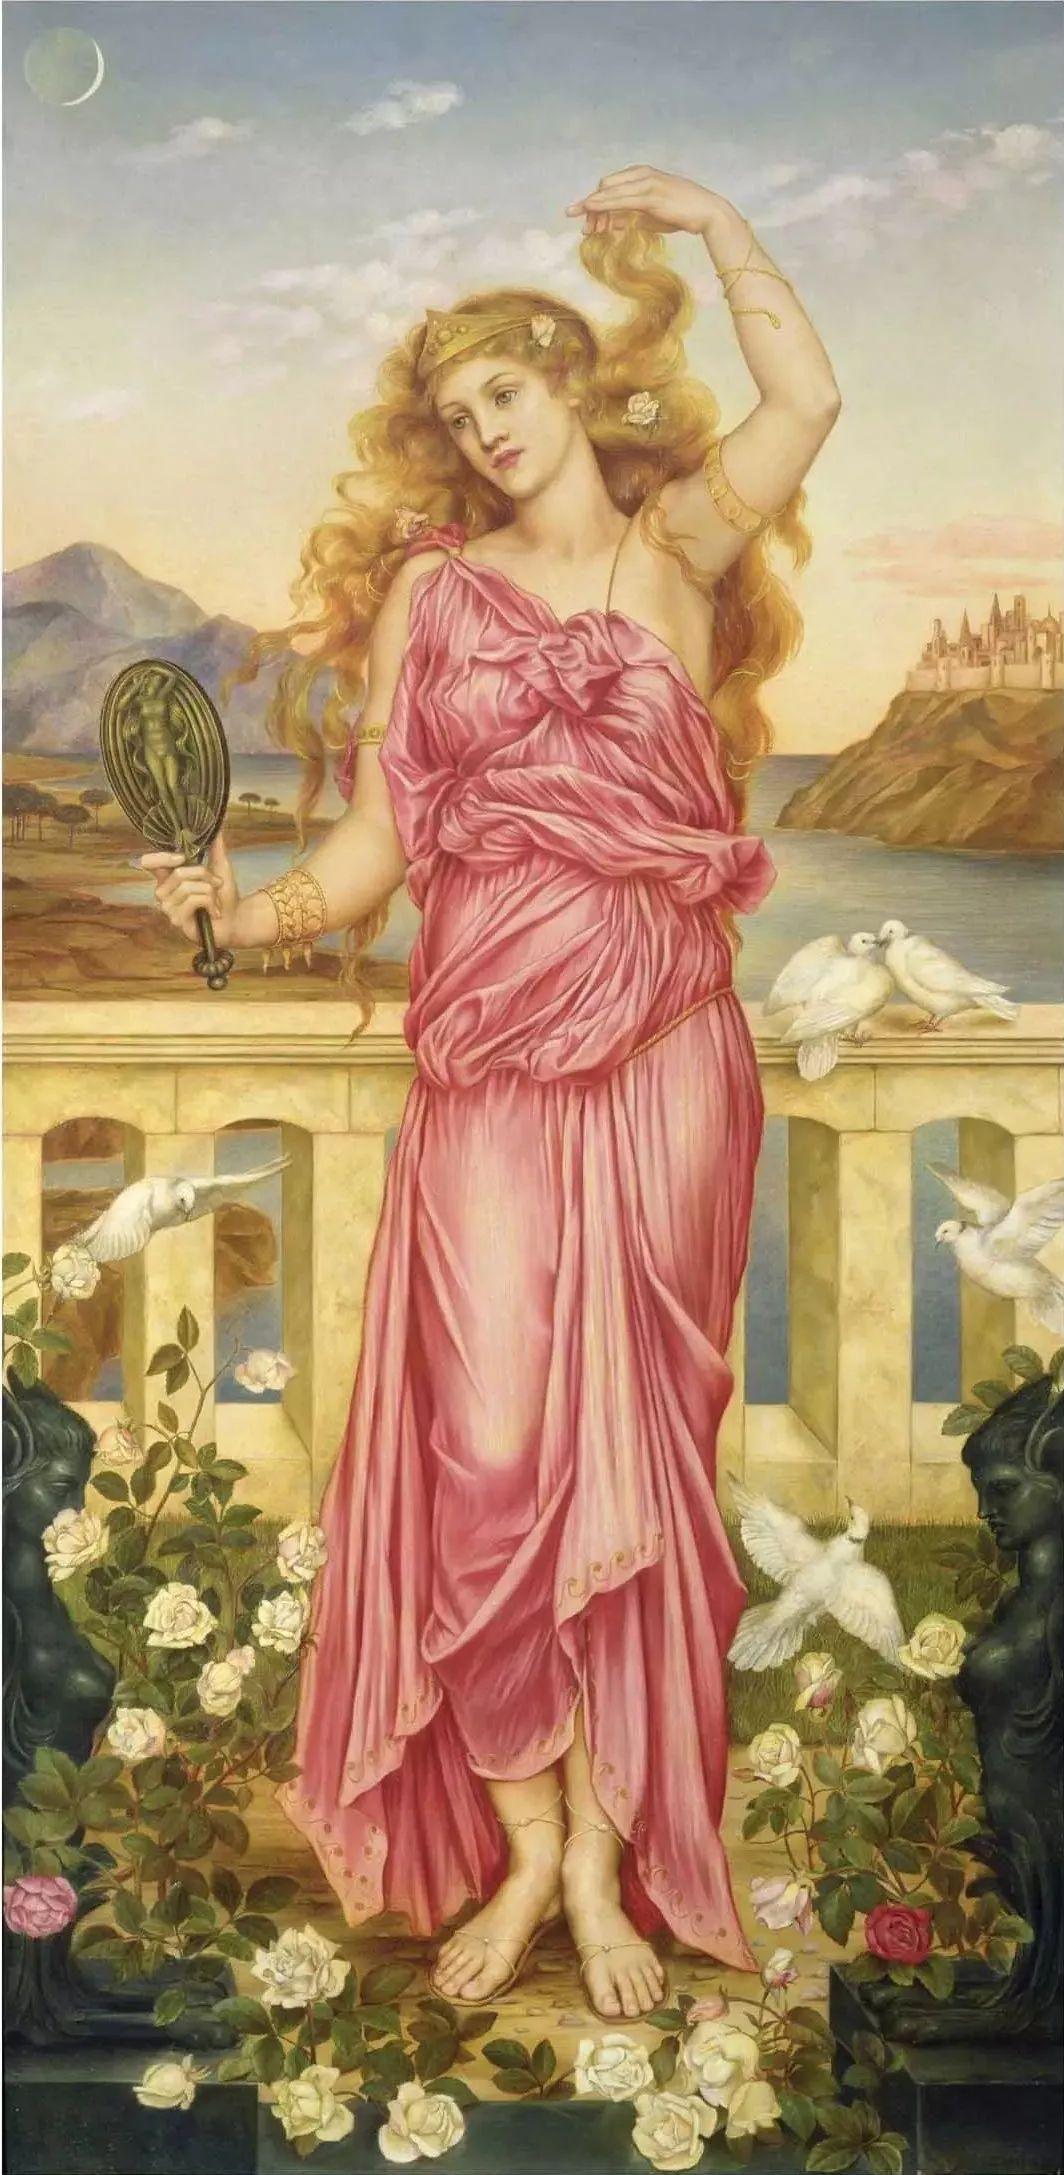 那些用希腊女神名字命名的单品 | 都太美了!